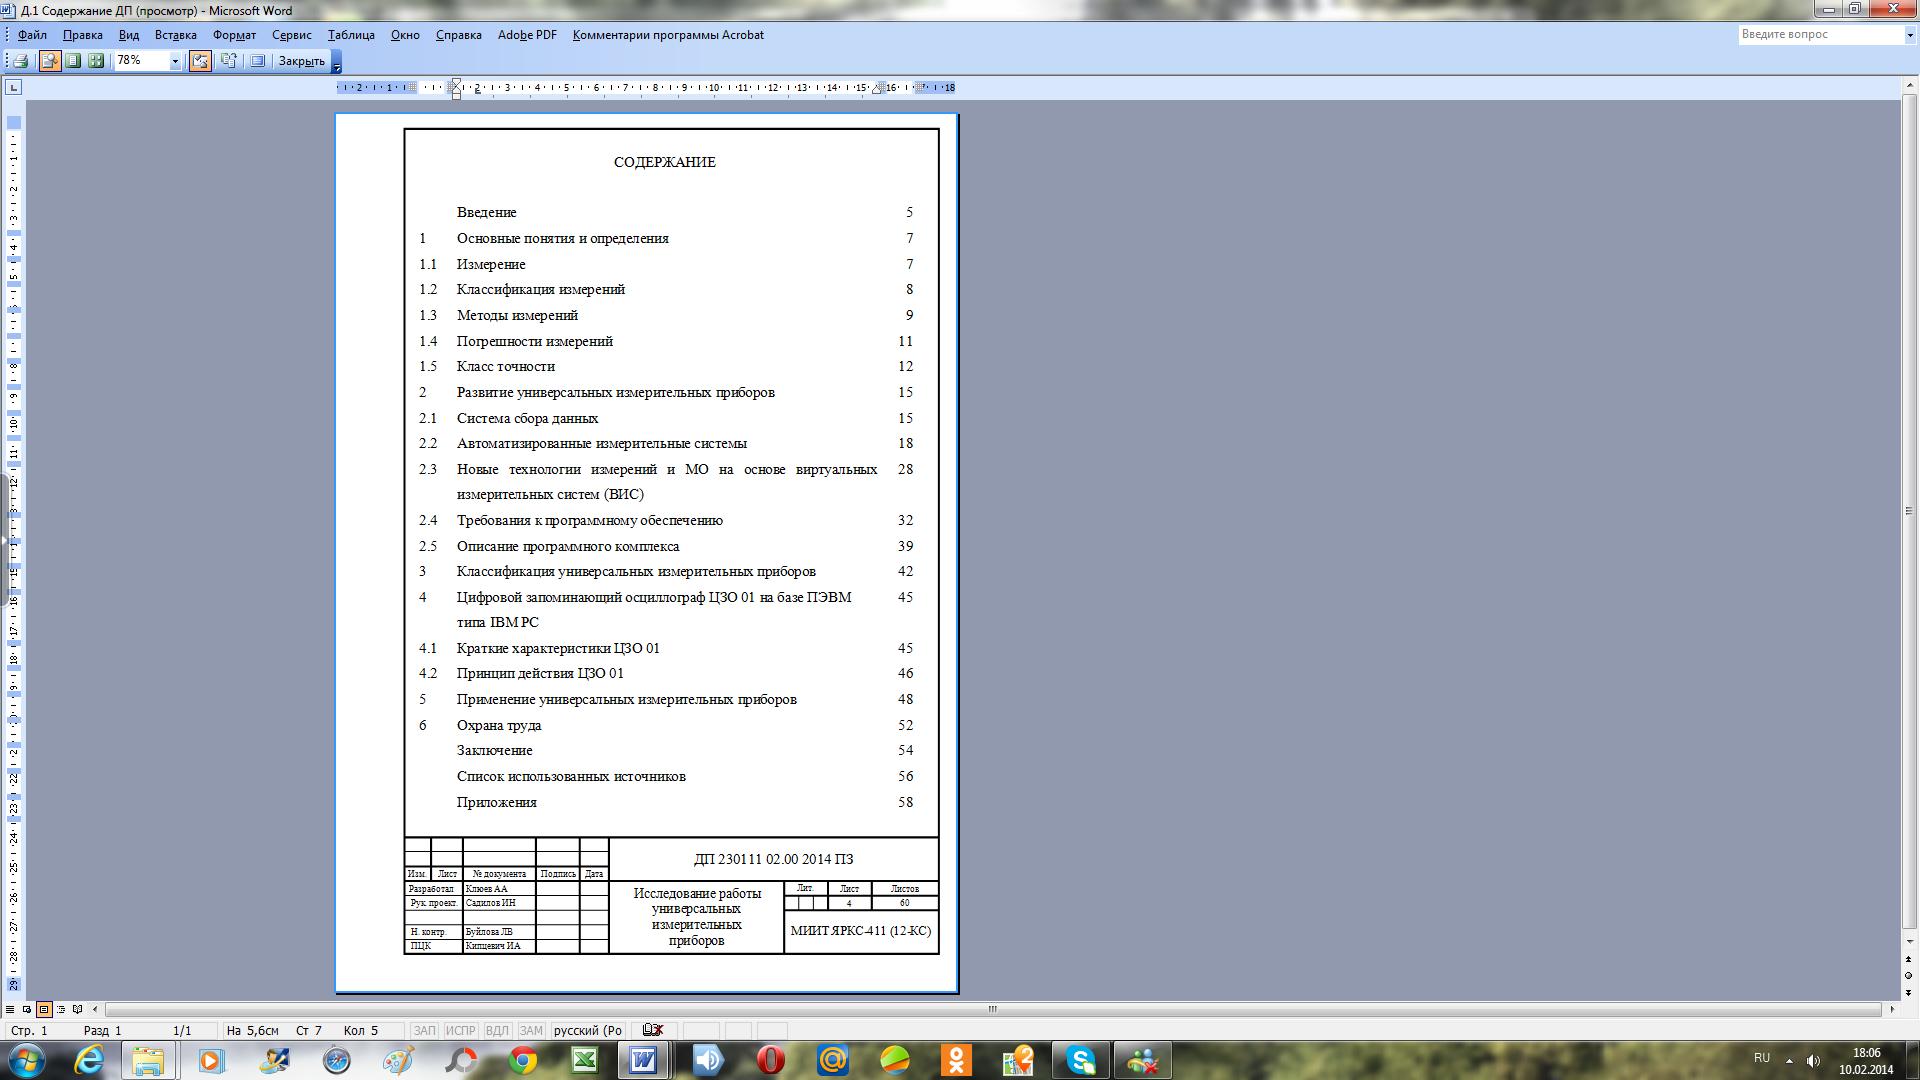 Оформление ОтзывА руководителя дипломного проекта работы Пример заполнения основной надписи первого листа пояснительной записки дипломного проекта работы приведен на рисунке 9 4